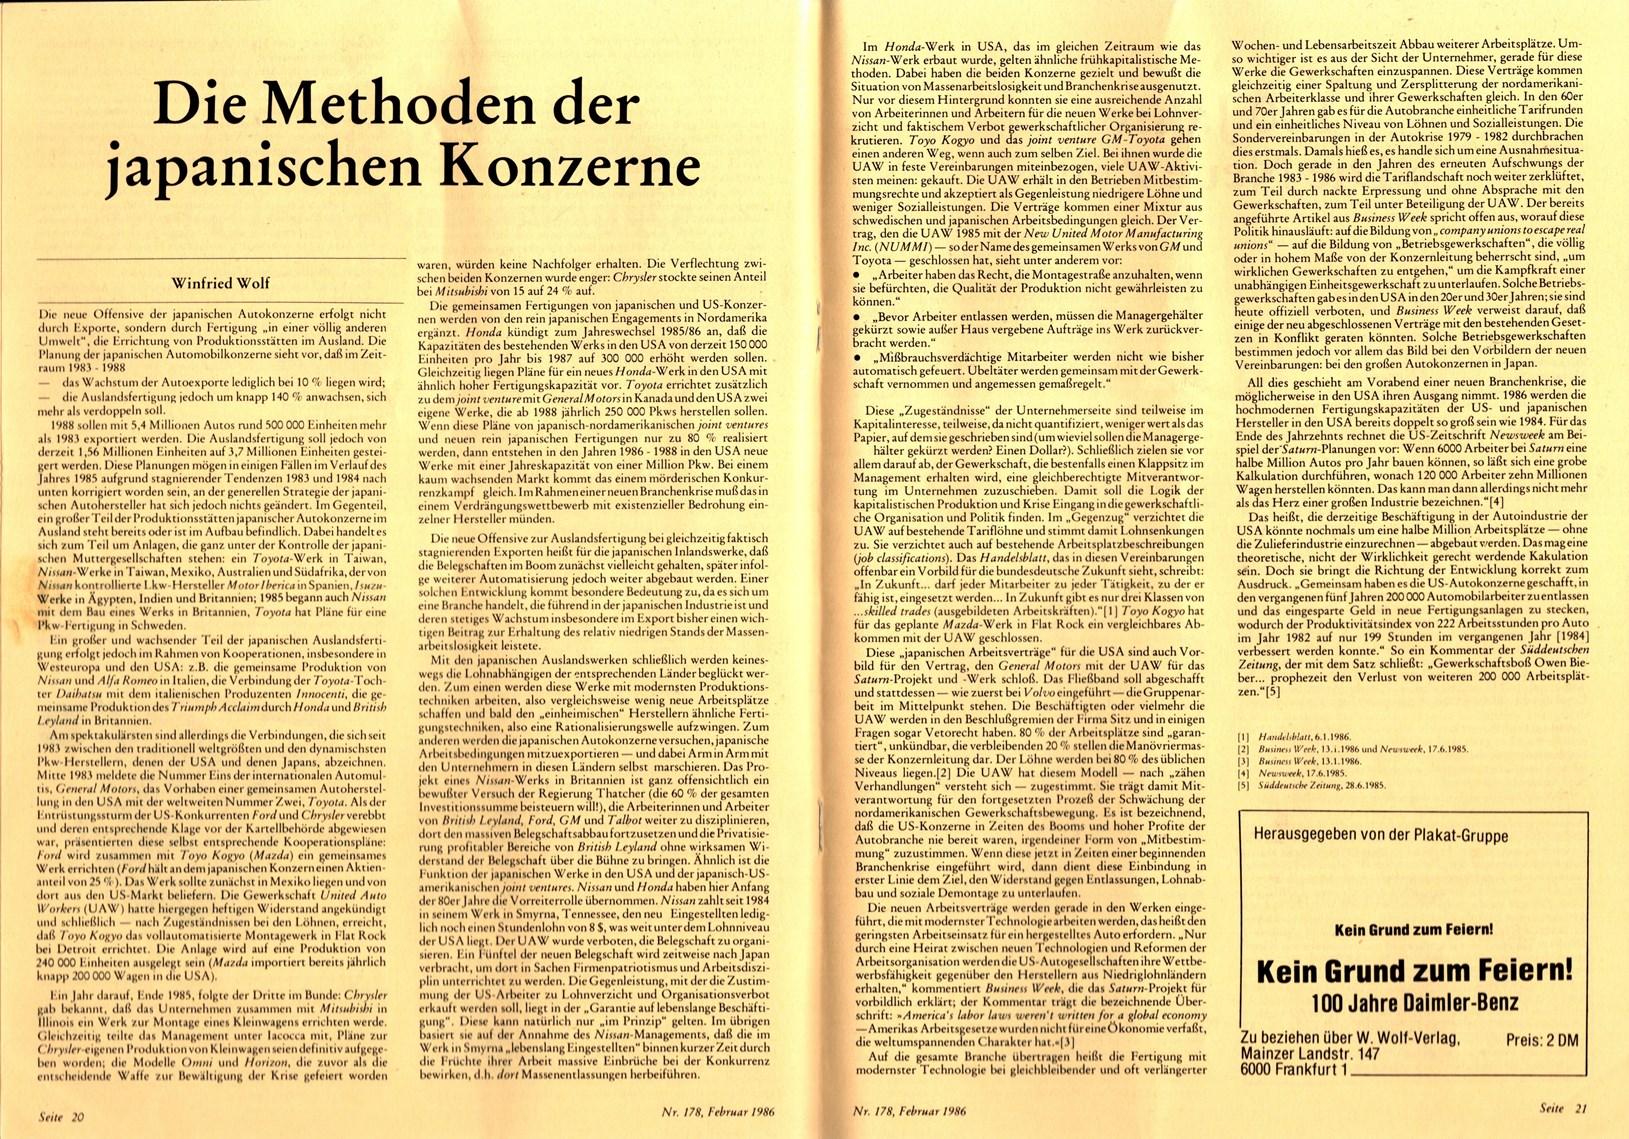 Inprekorr_19860200_178_011